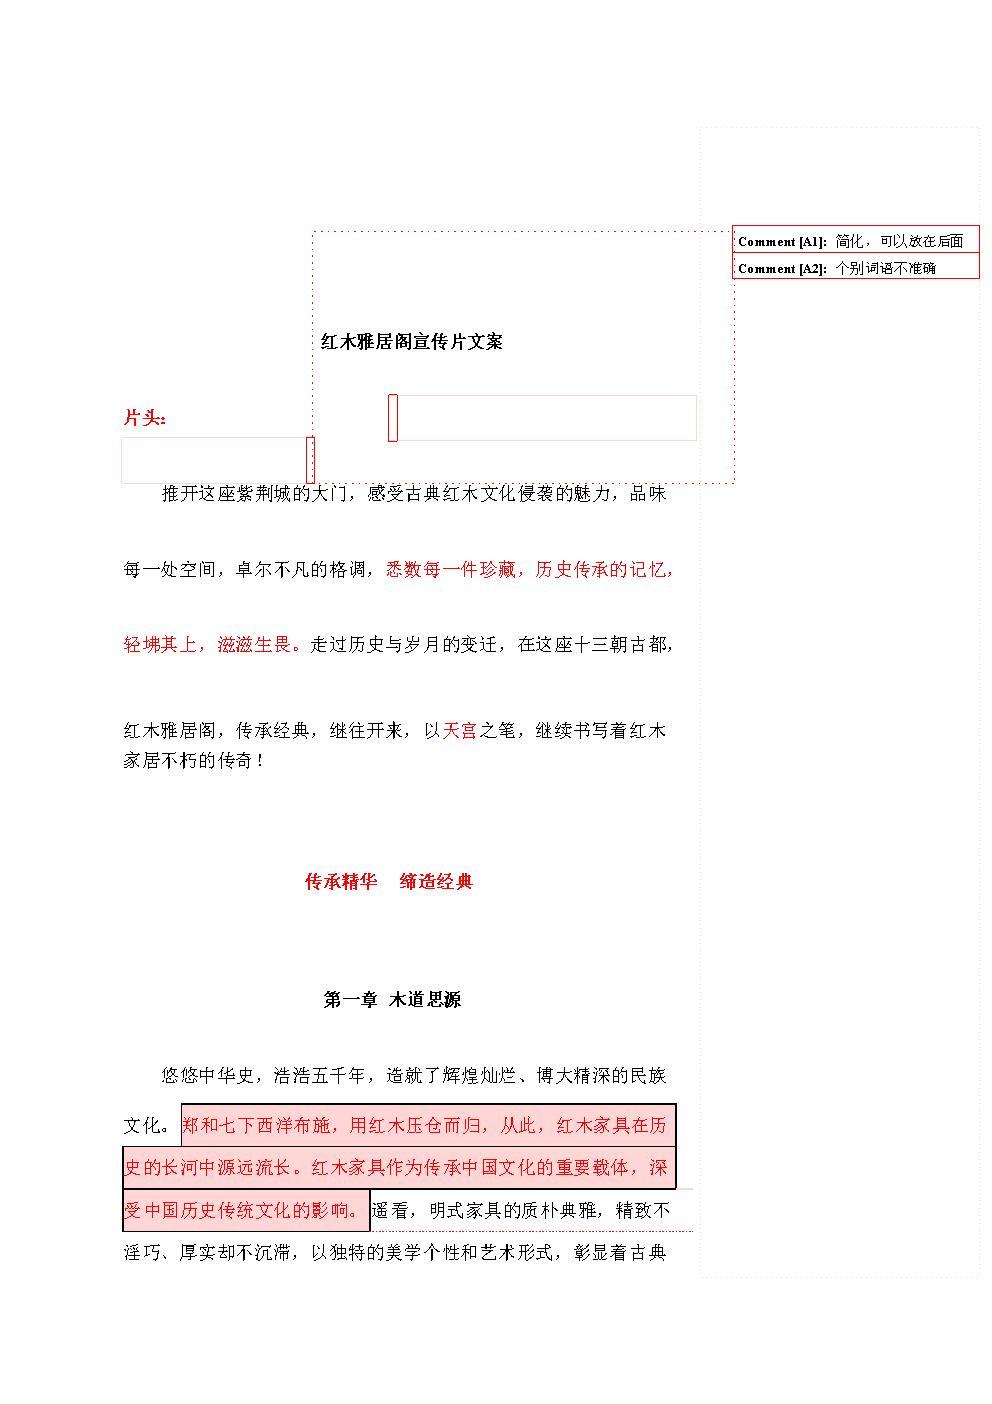 红木雅居阁宣传片文案修改李.docx